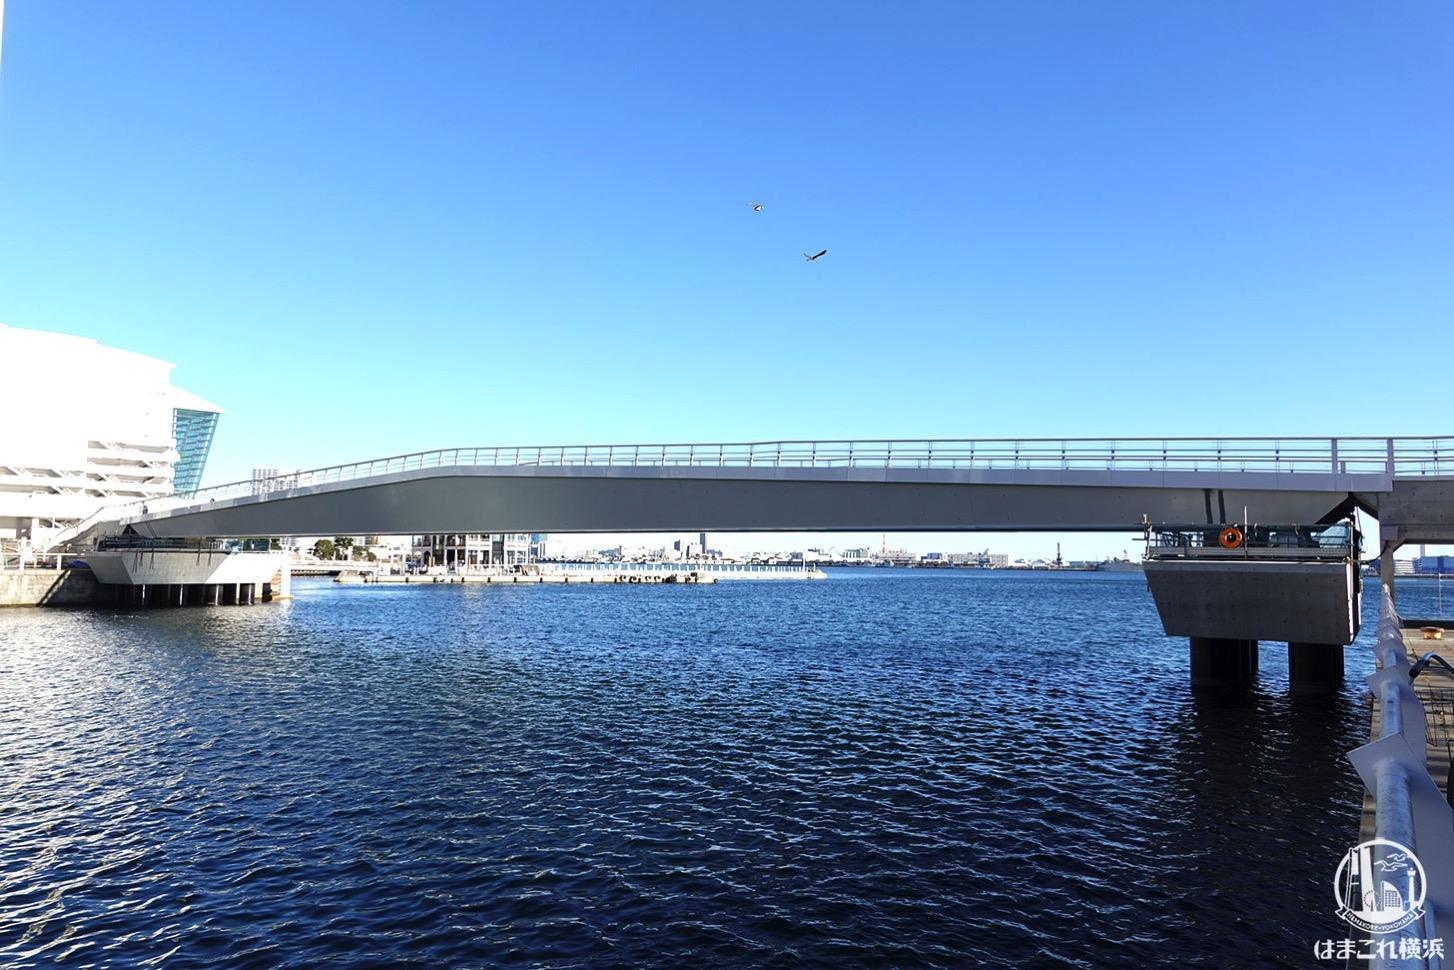 女神橋(めがみばし)